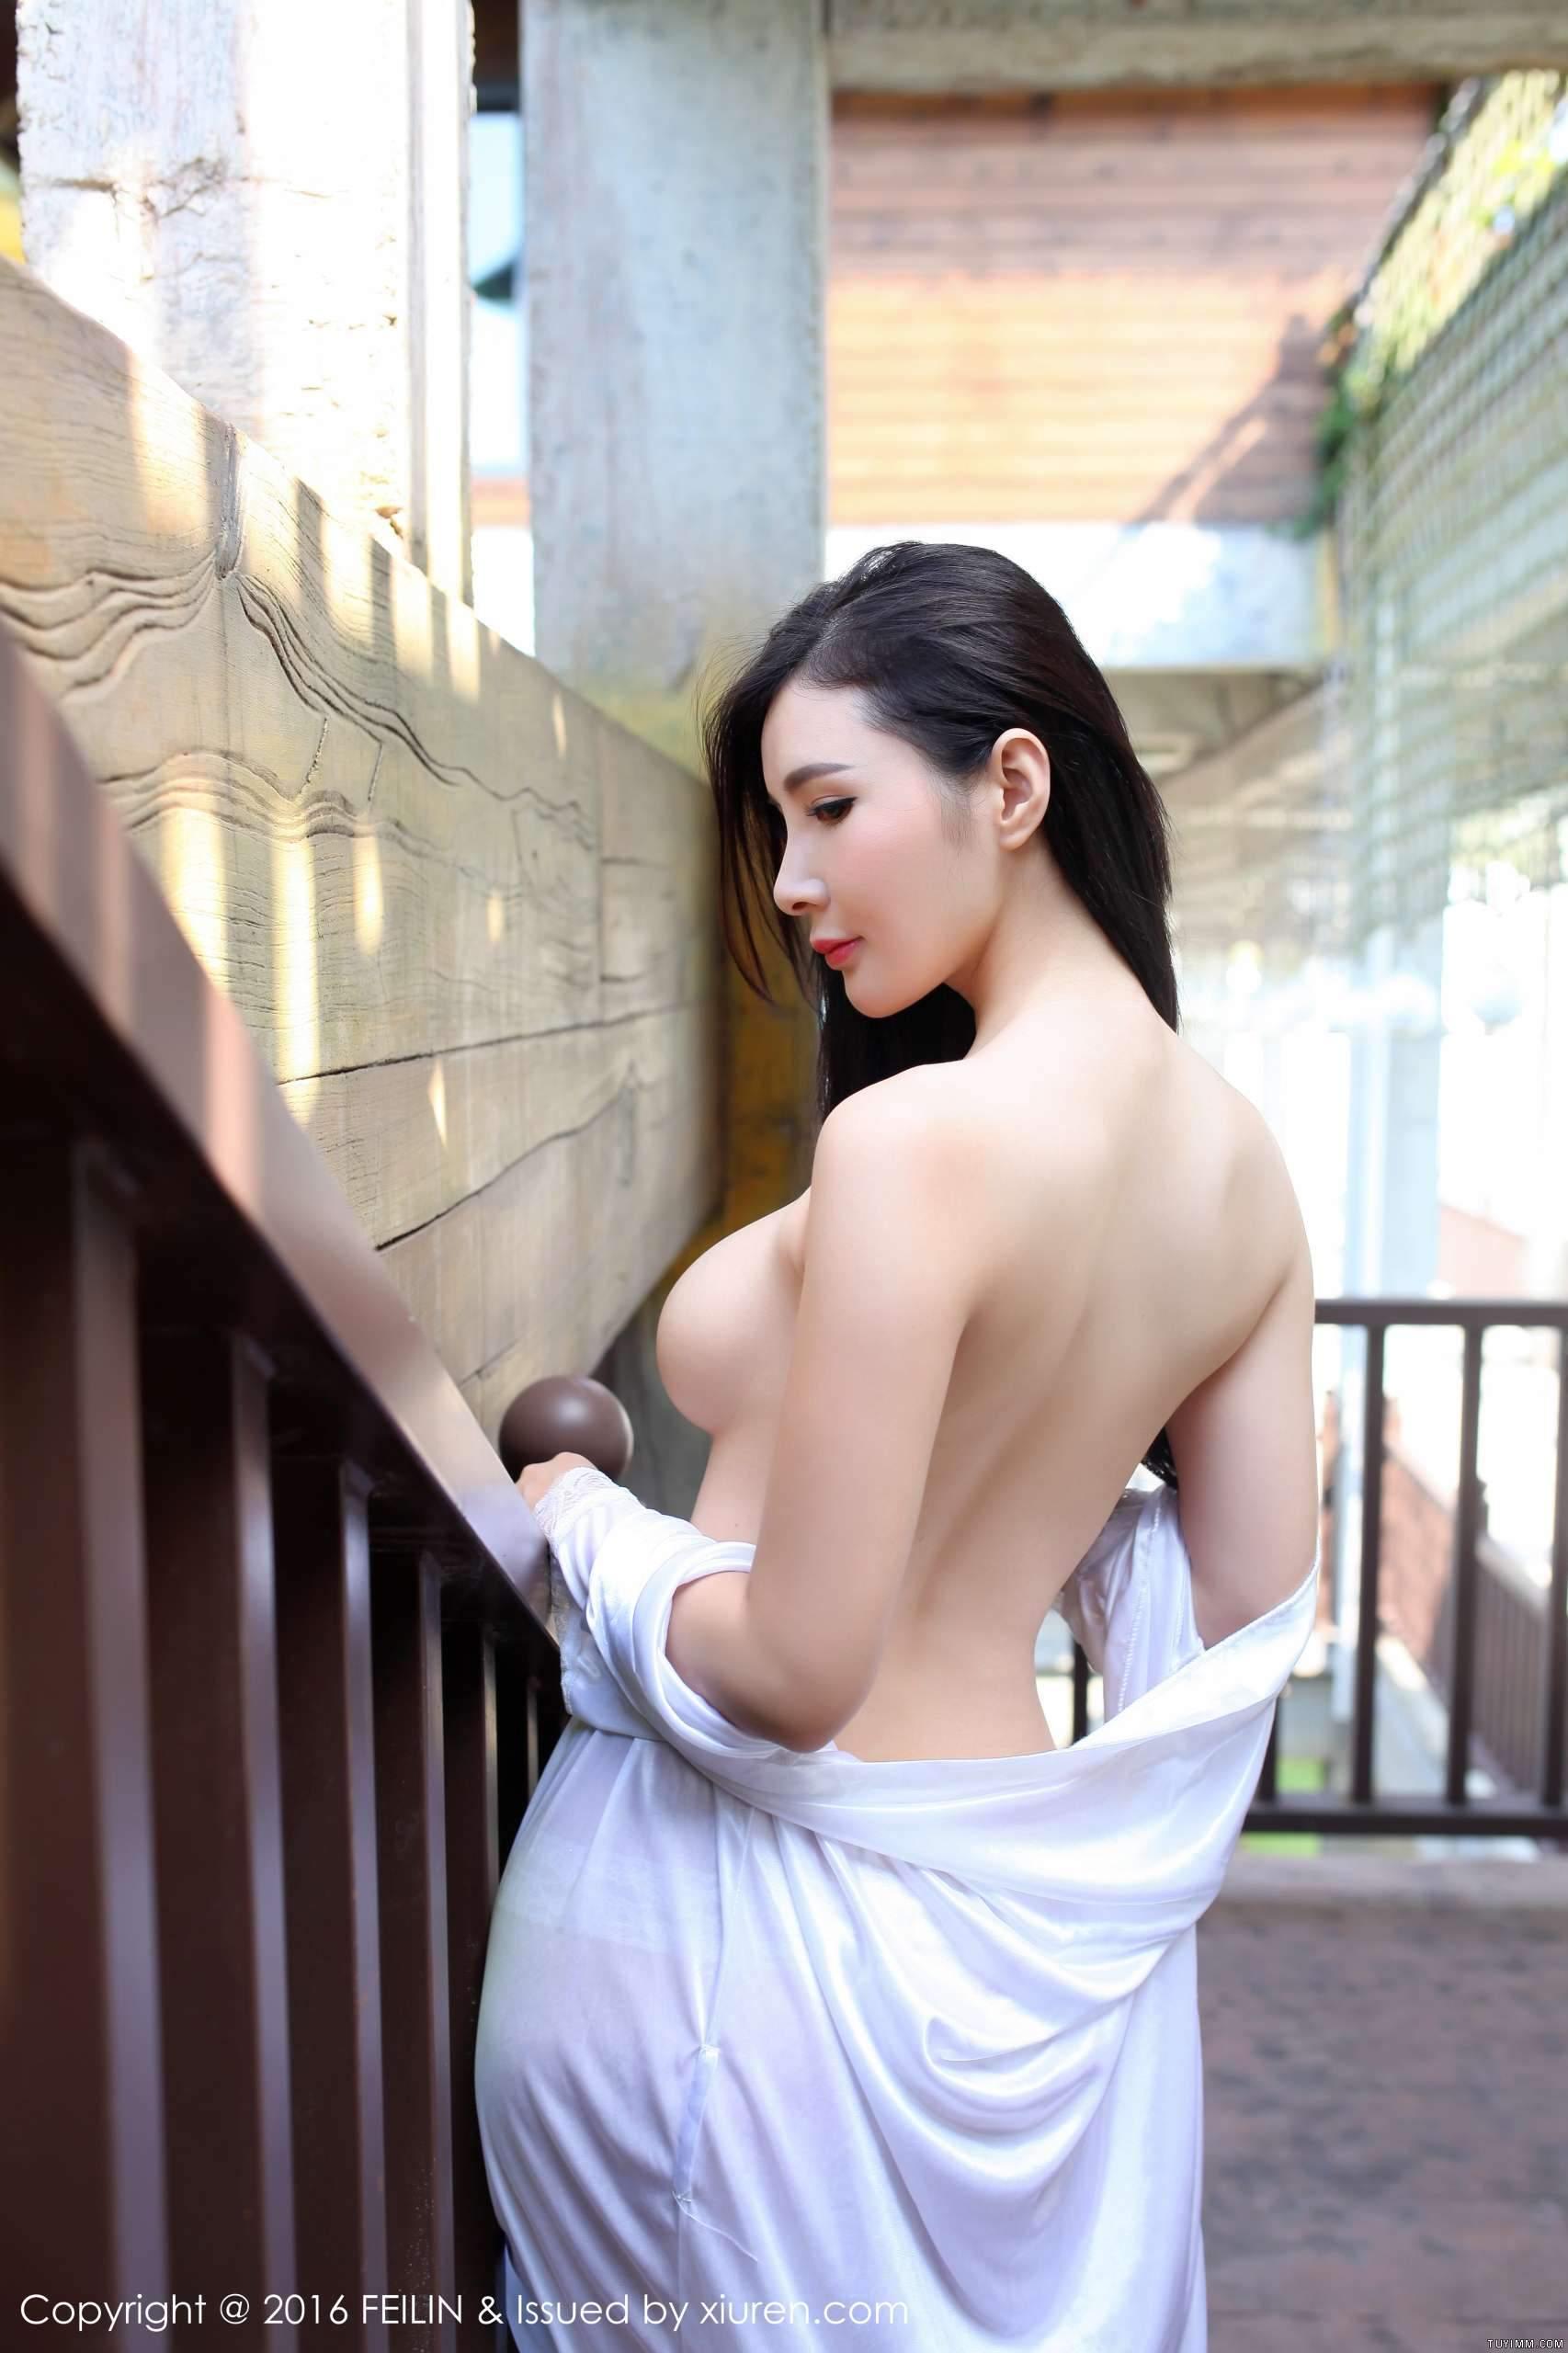 [福利]-顾欣怡-FEILIN嗲囡囡-第17张图片-哔哔娱乐网